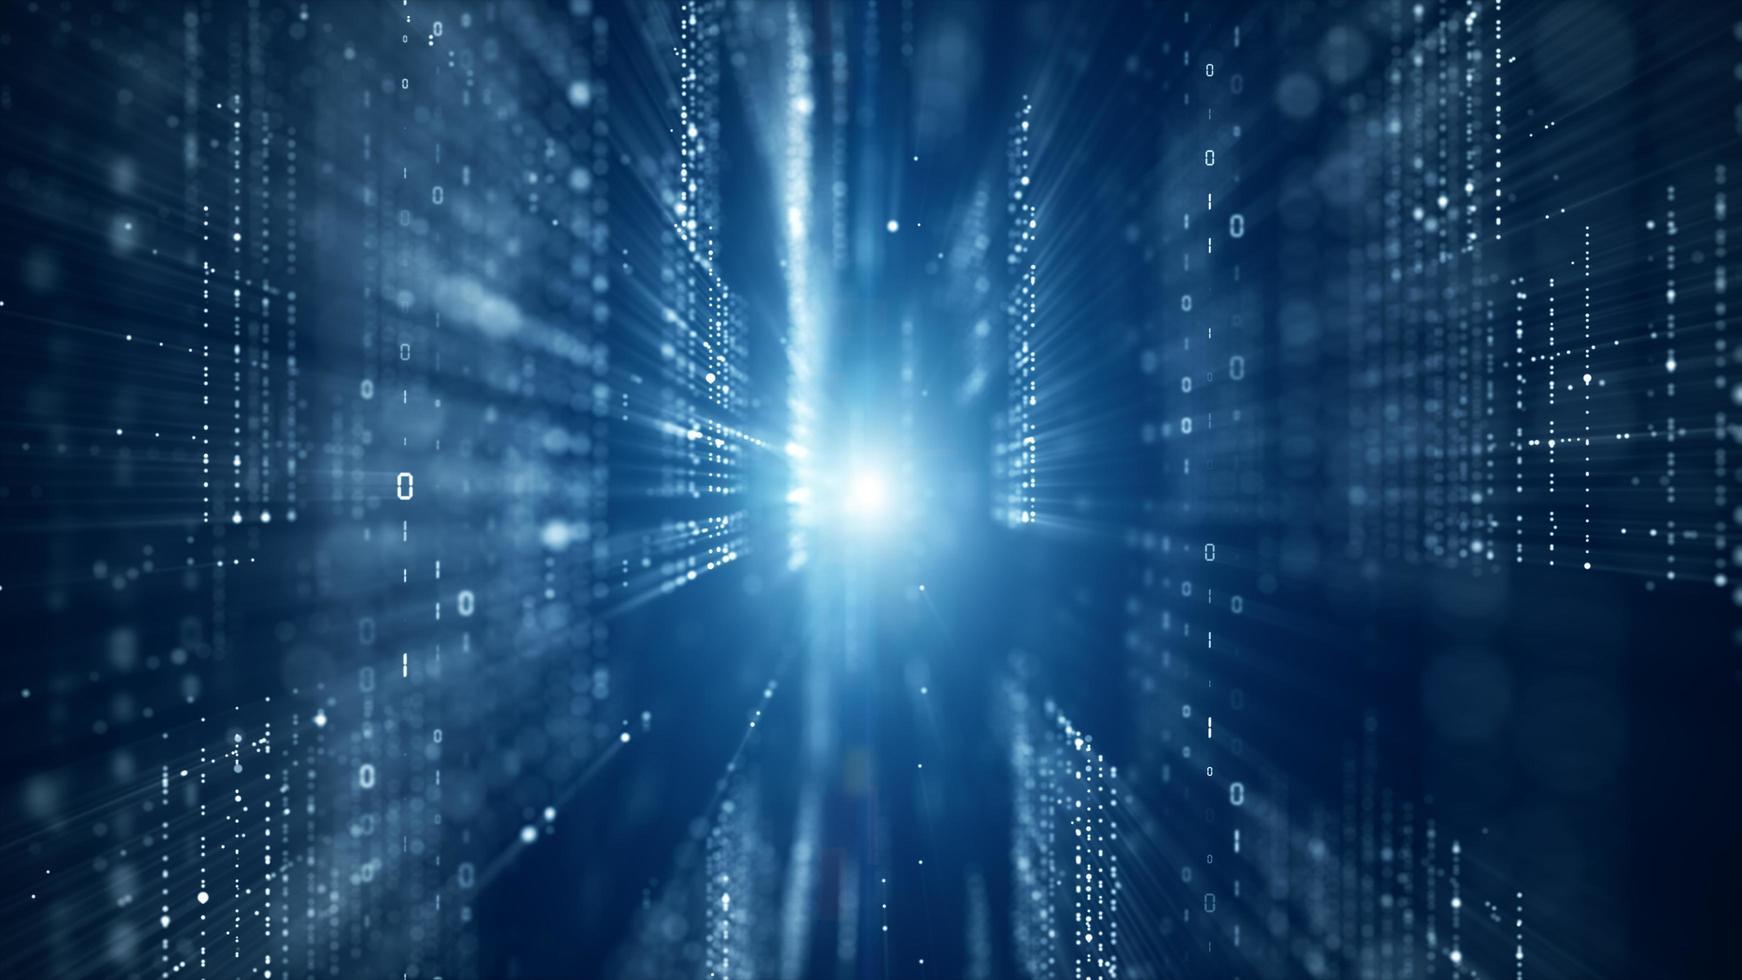 cyberspazio digitale con connessioni di rete di dati digitali foto